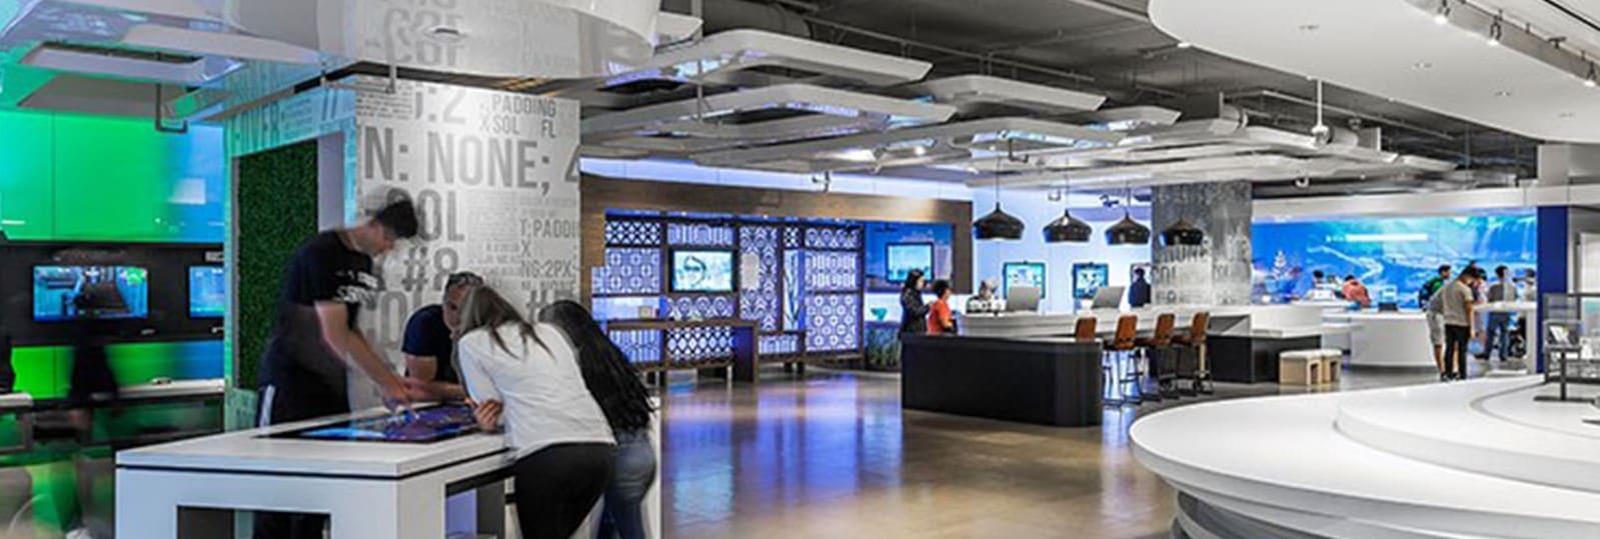 Microsoft Campus Visitor Center